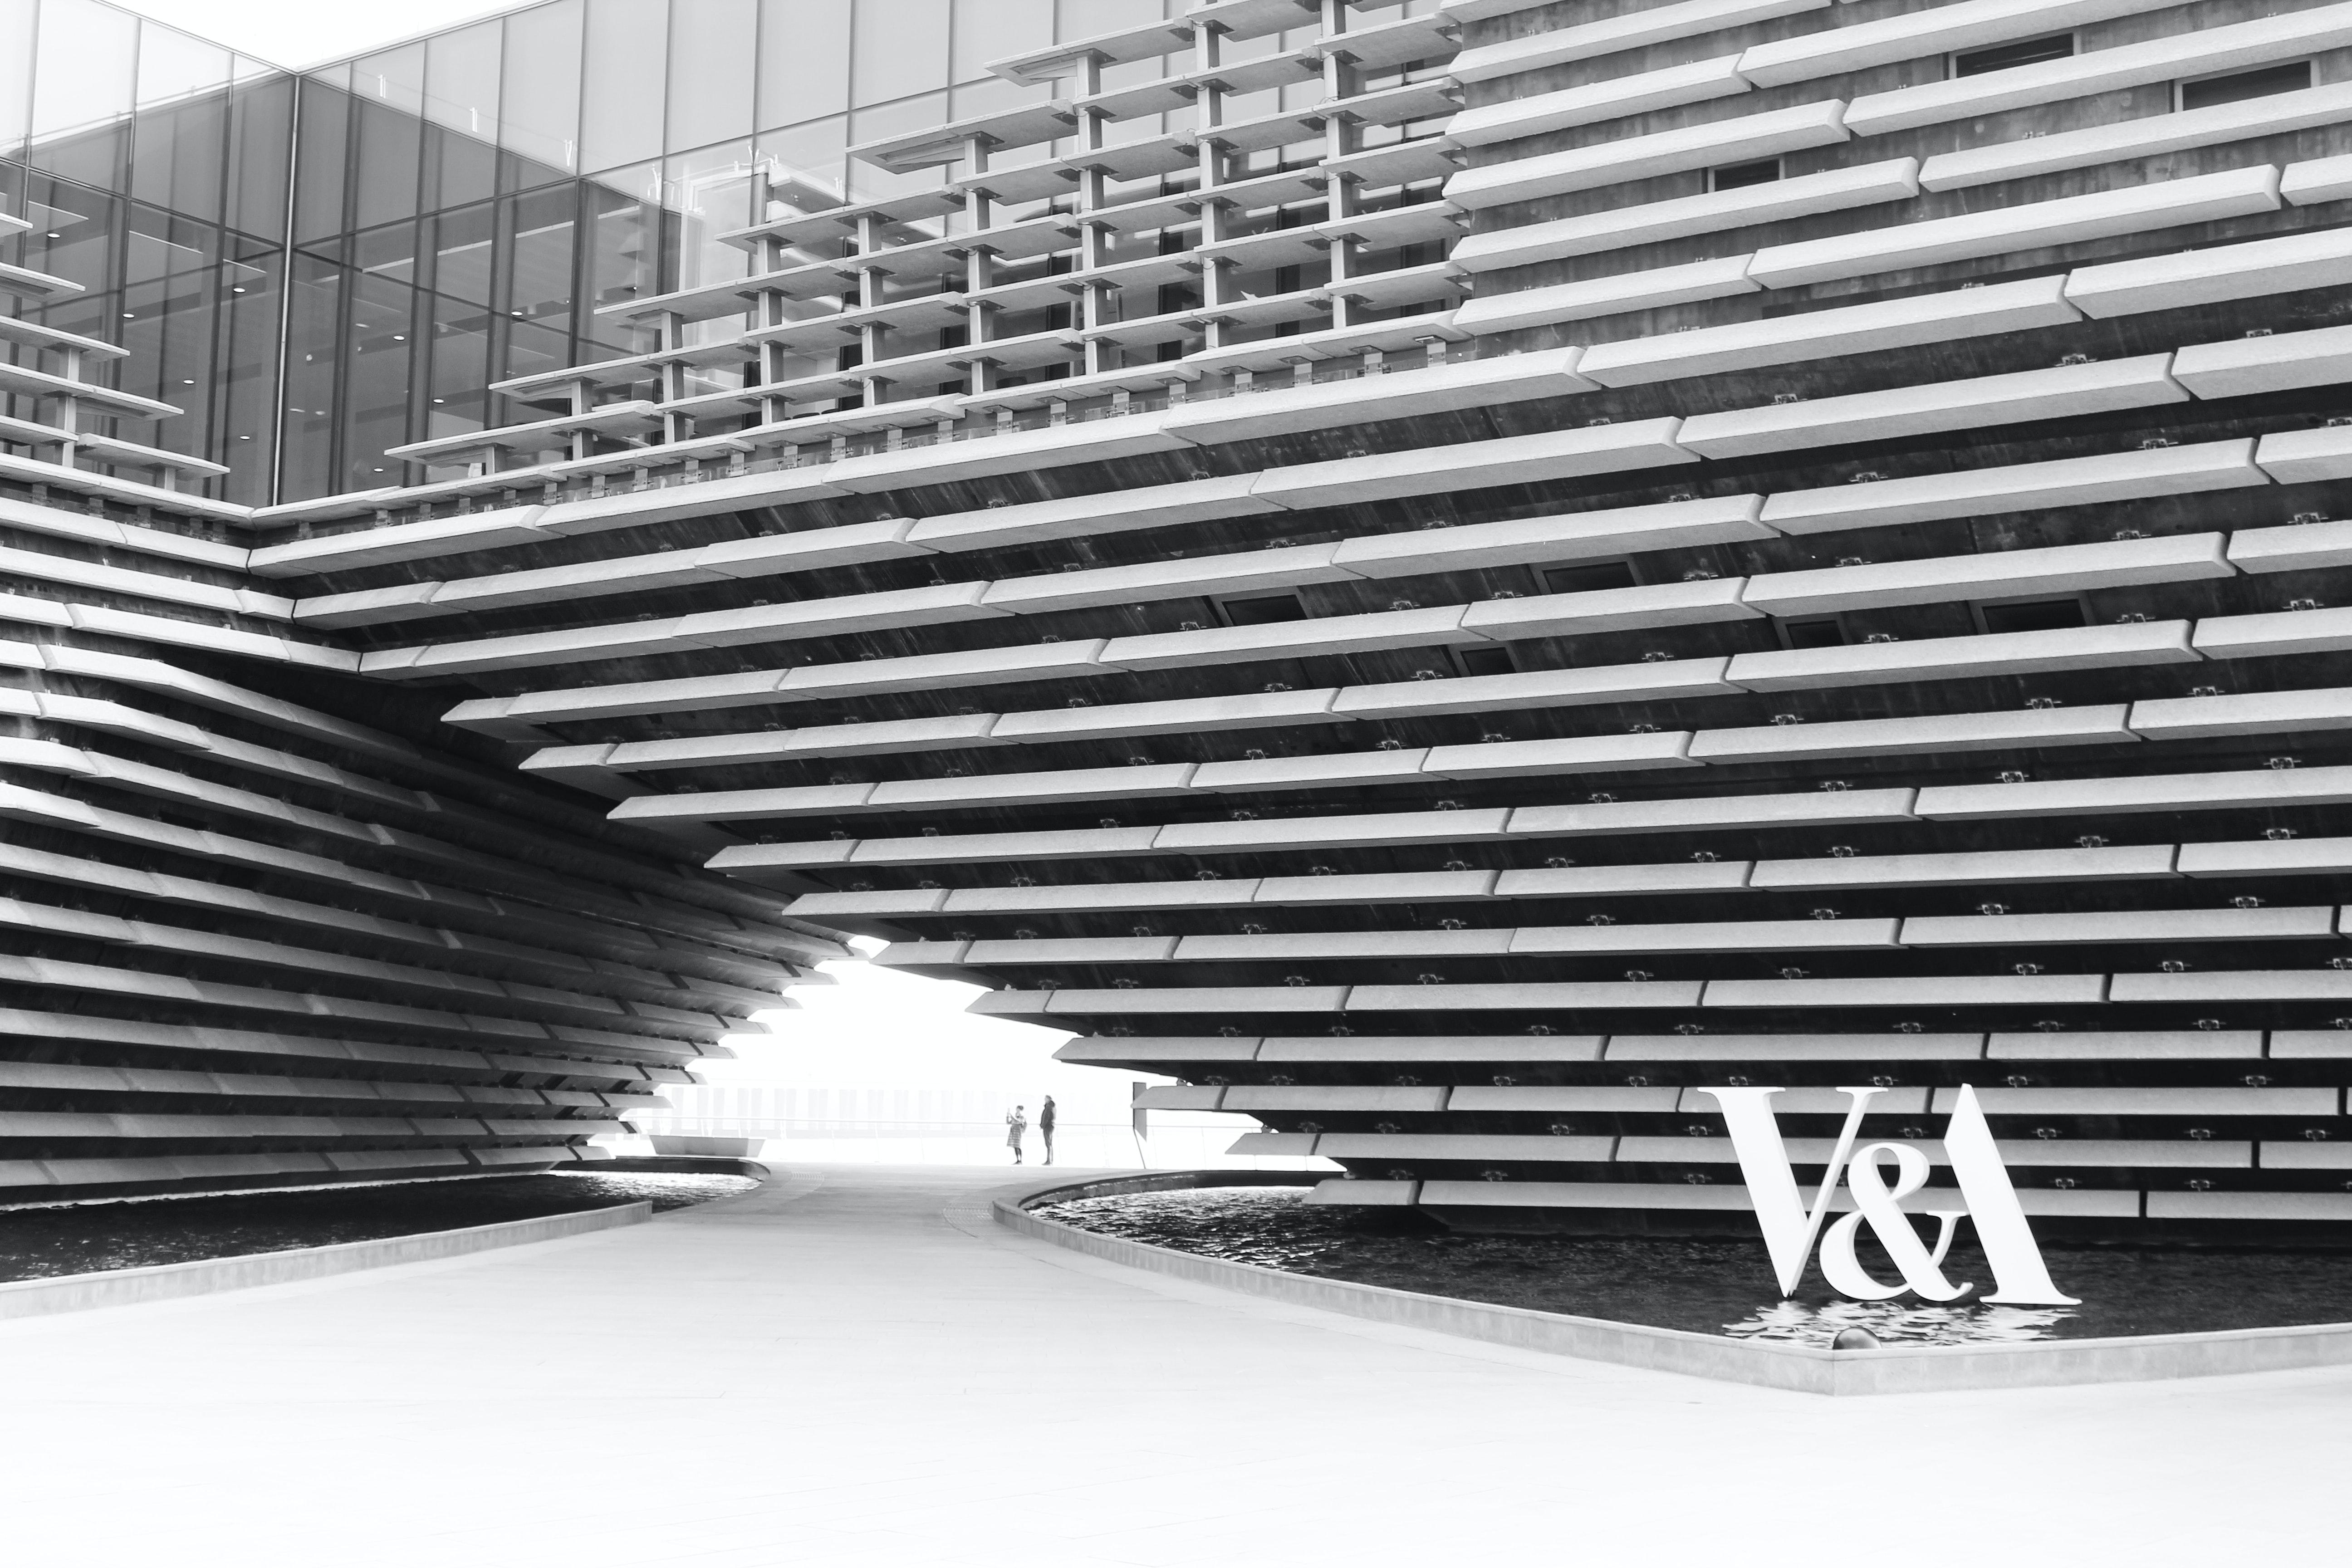 Image V&A museum